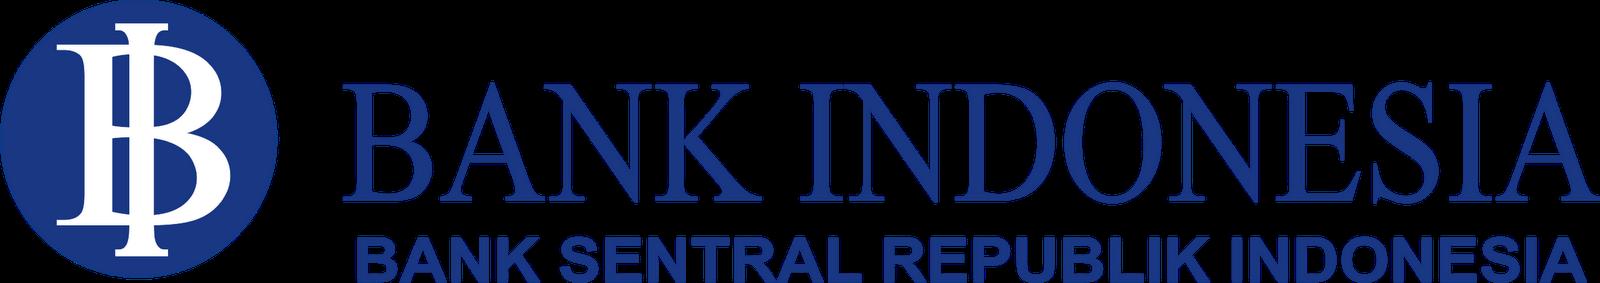 Info Cpns 2013 Di Denpasar Pengumuman Link Situs Pemeritah Daerah Yang Membuka Semarang Lowongan Pekerjaan Bank Indonesia Bi Seleksi Penerimaan